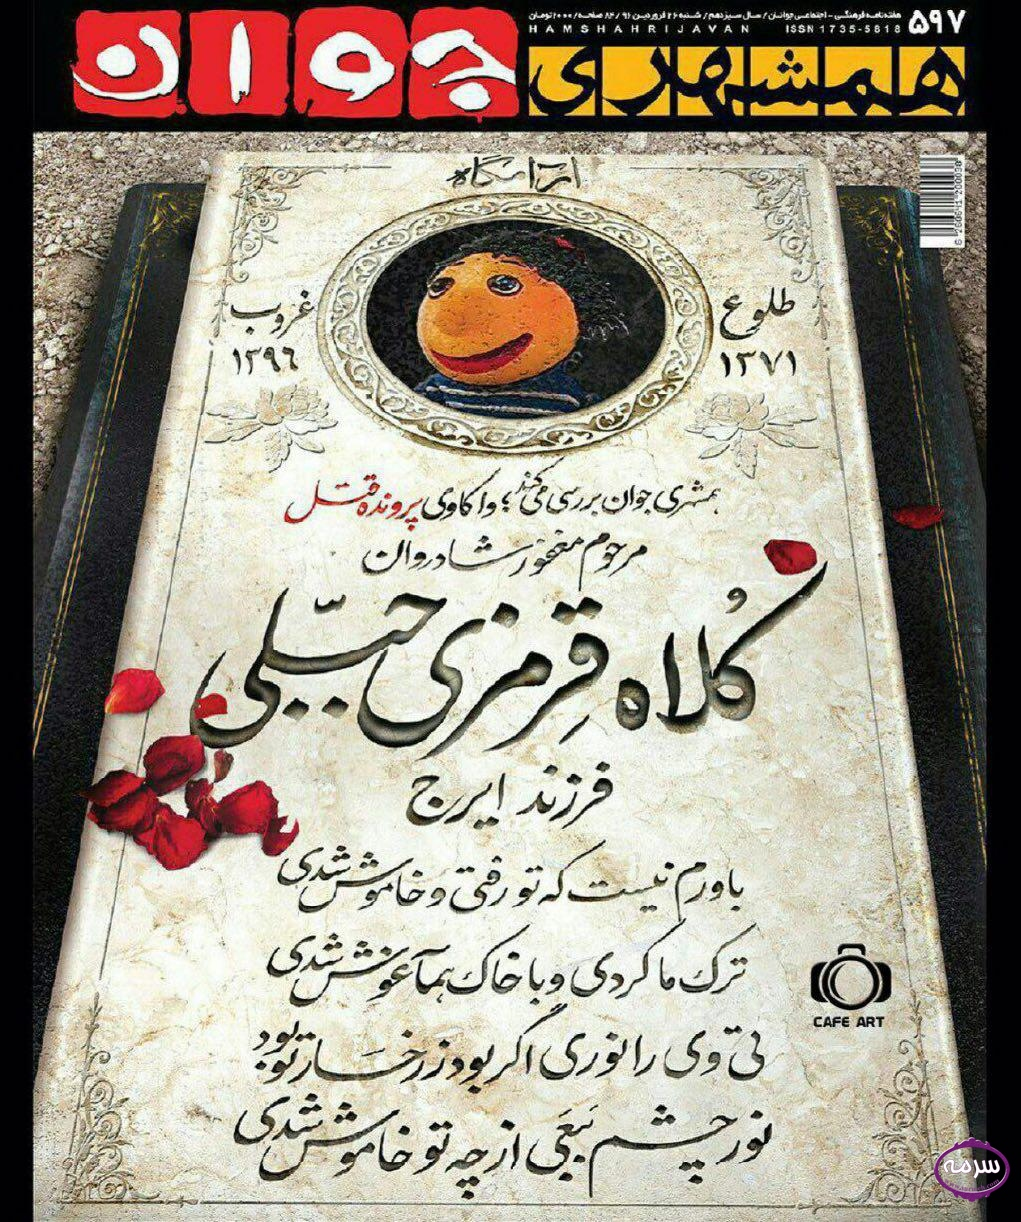 کلاه قرمزی درگذشت + عکس سنگ قبر